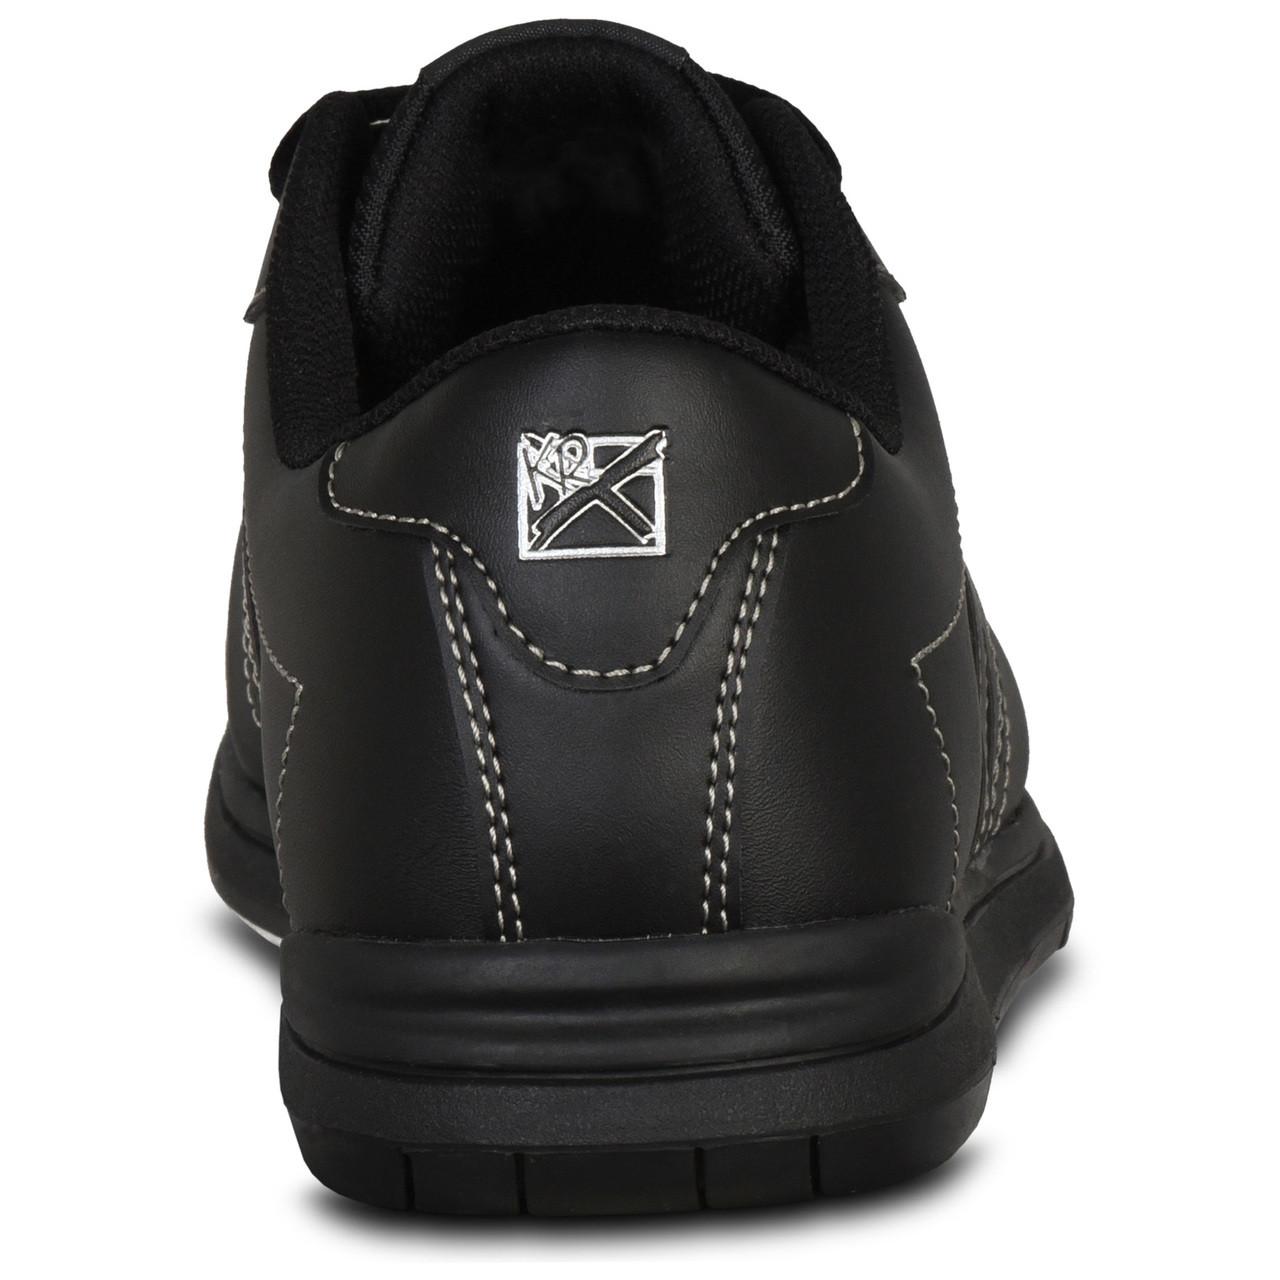 Mens KR Strikeforce O.P.P Bowling Shoes Color Black Medium Width Size 10 1//2